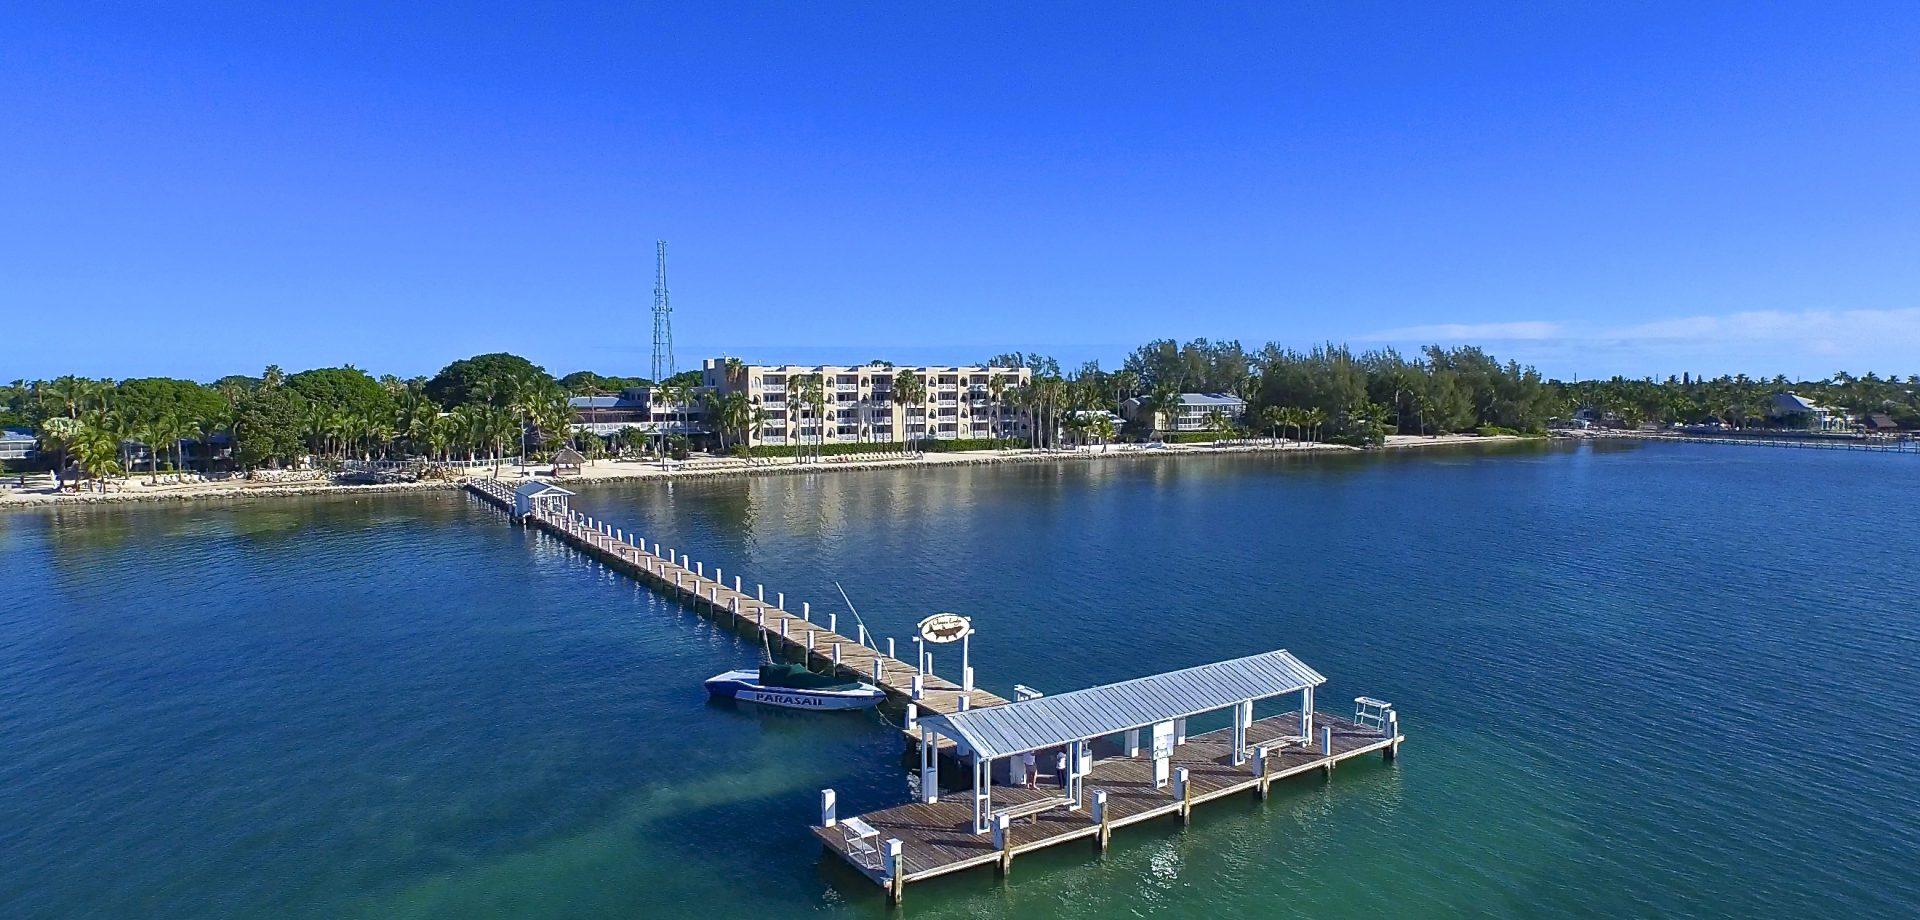 Florida Keys Resort In Islamorada Cheeca Lodge Spa | Lobster House